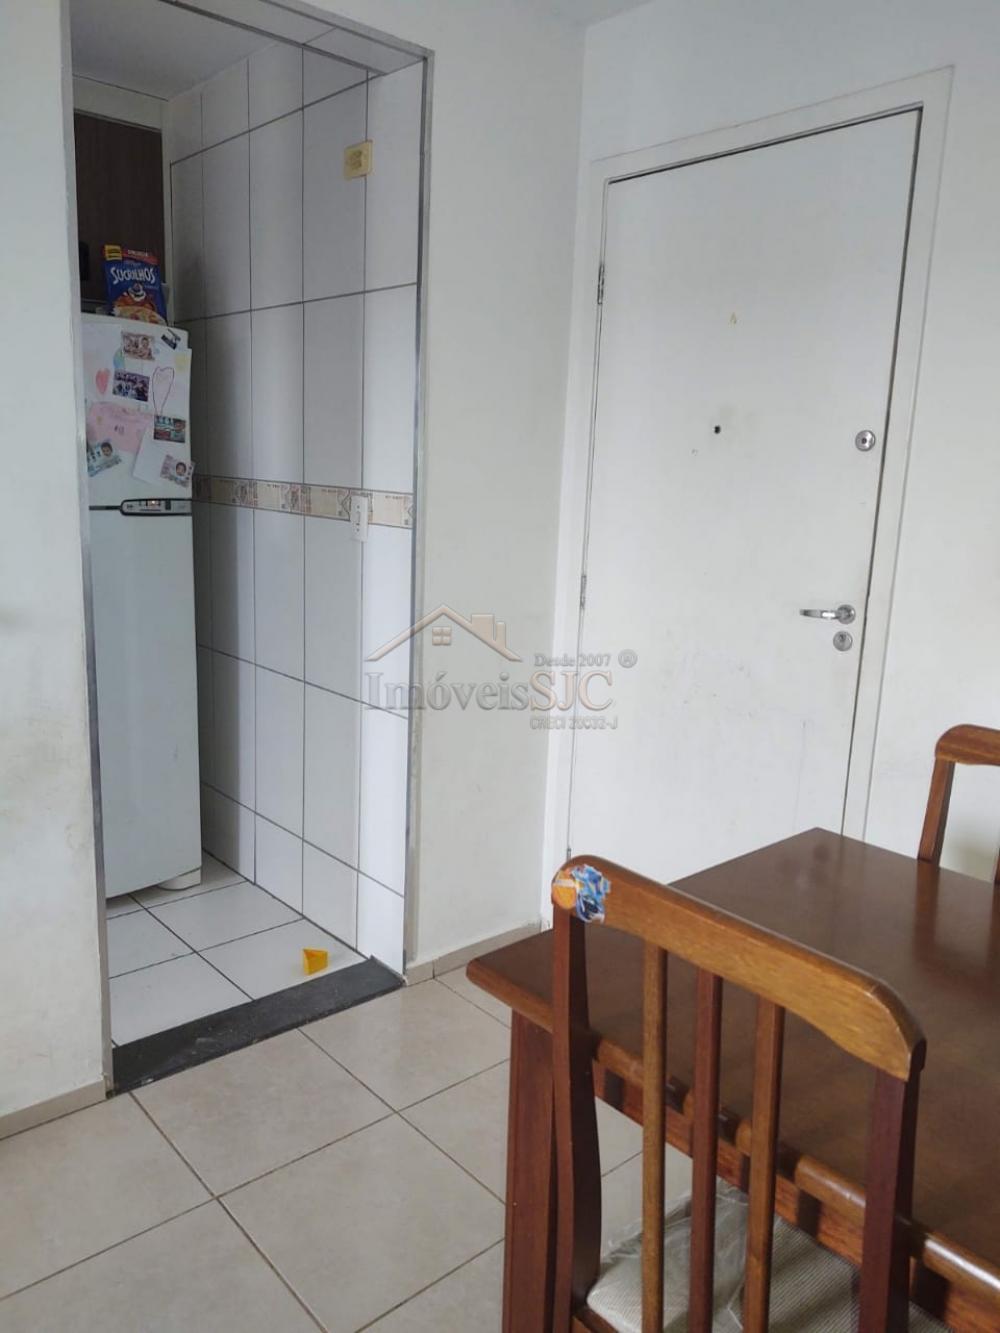 Comprar Apartamentos / Padrão em São José dos Campos apenas R$ 213.000,00 - Foto 6